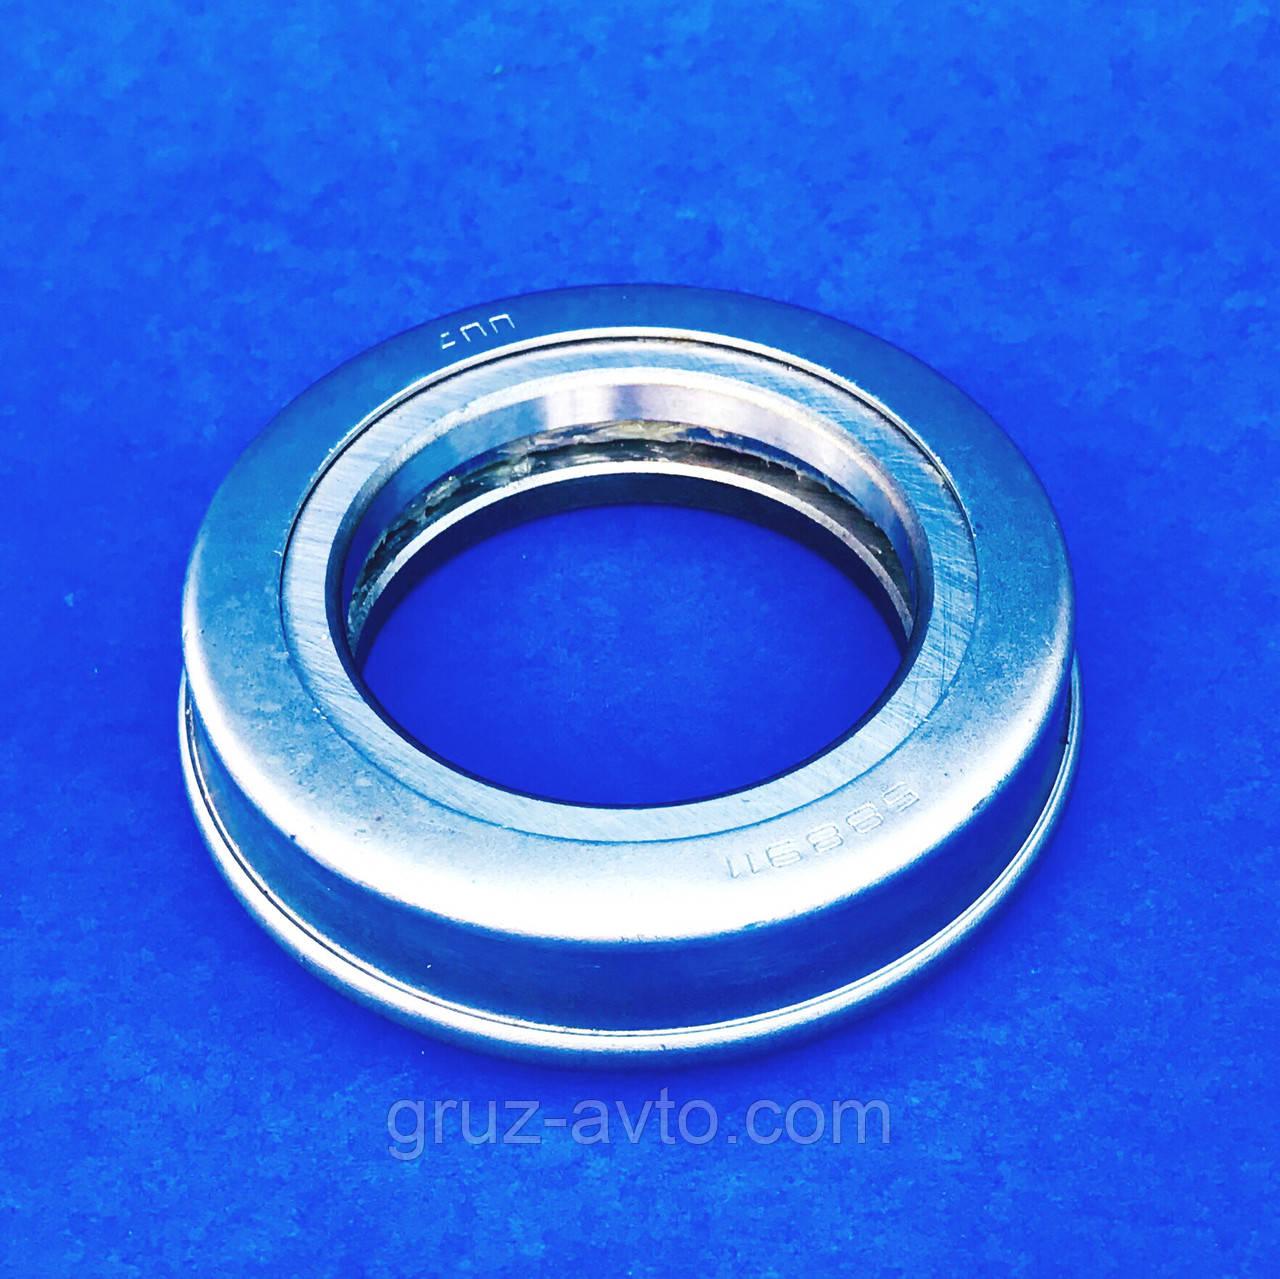 Підшипник вижимний або муфти виключення зчеплення ГАЗ-53, ГАЗ-3307 ГАЗ-52 / 588911